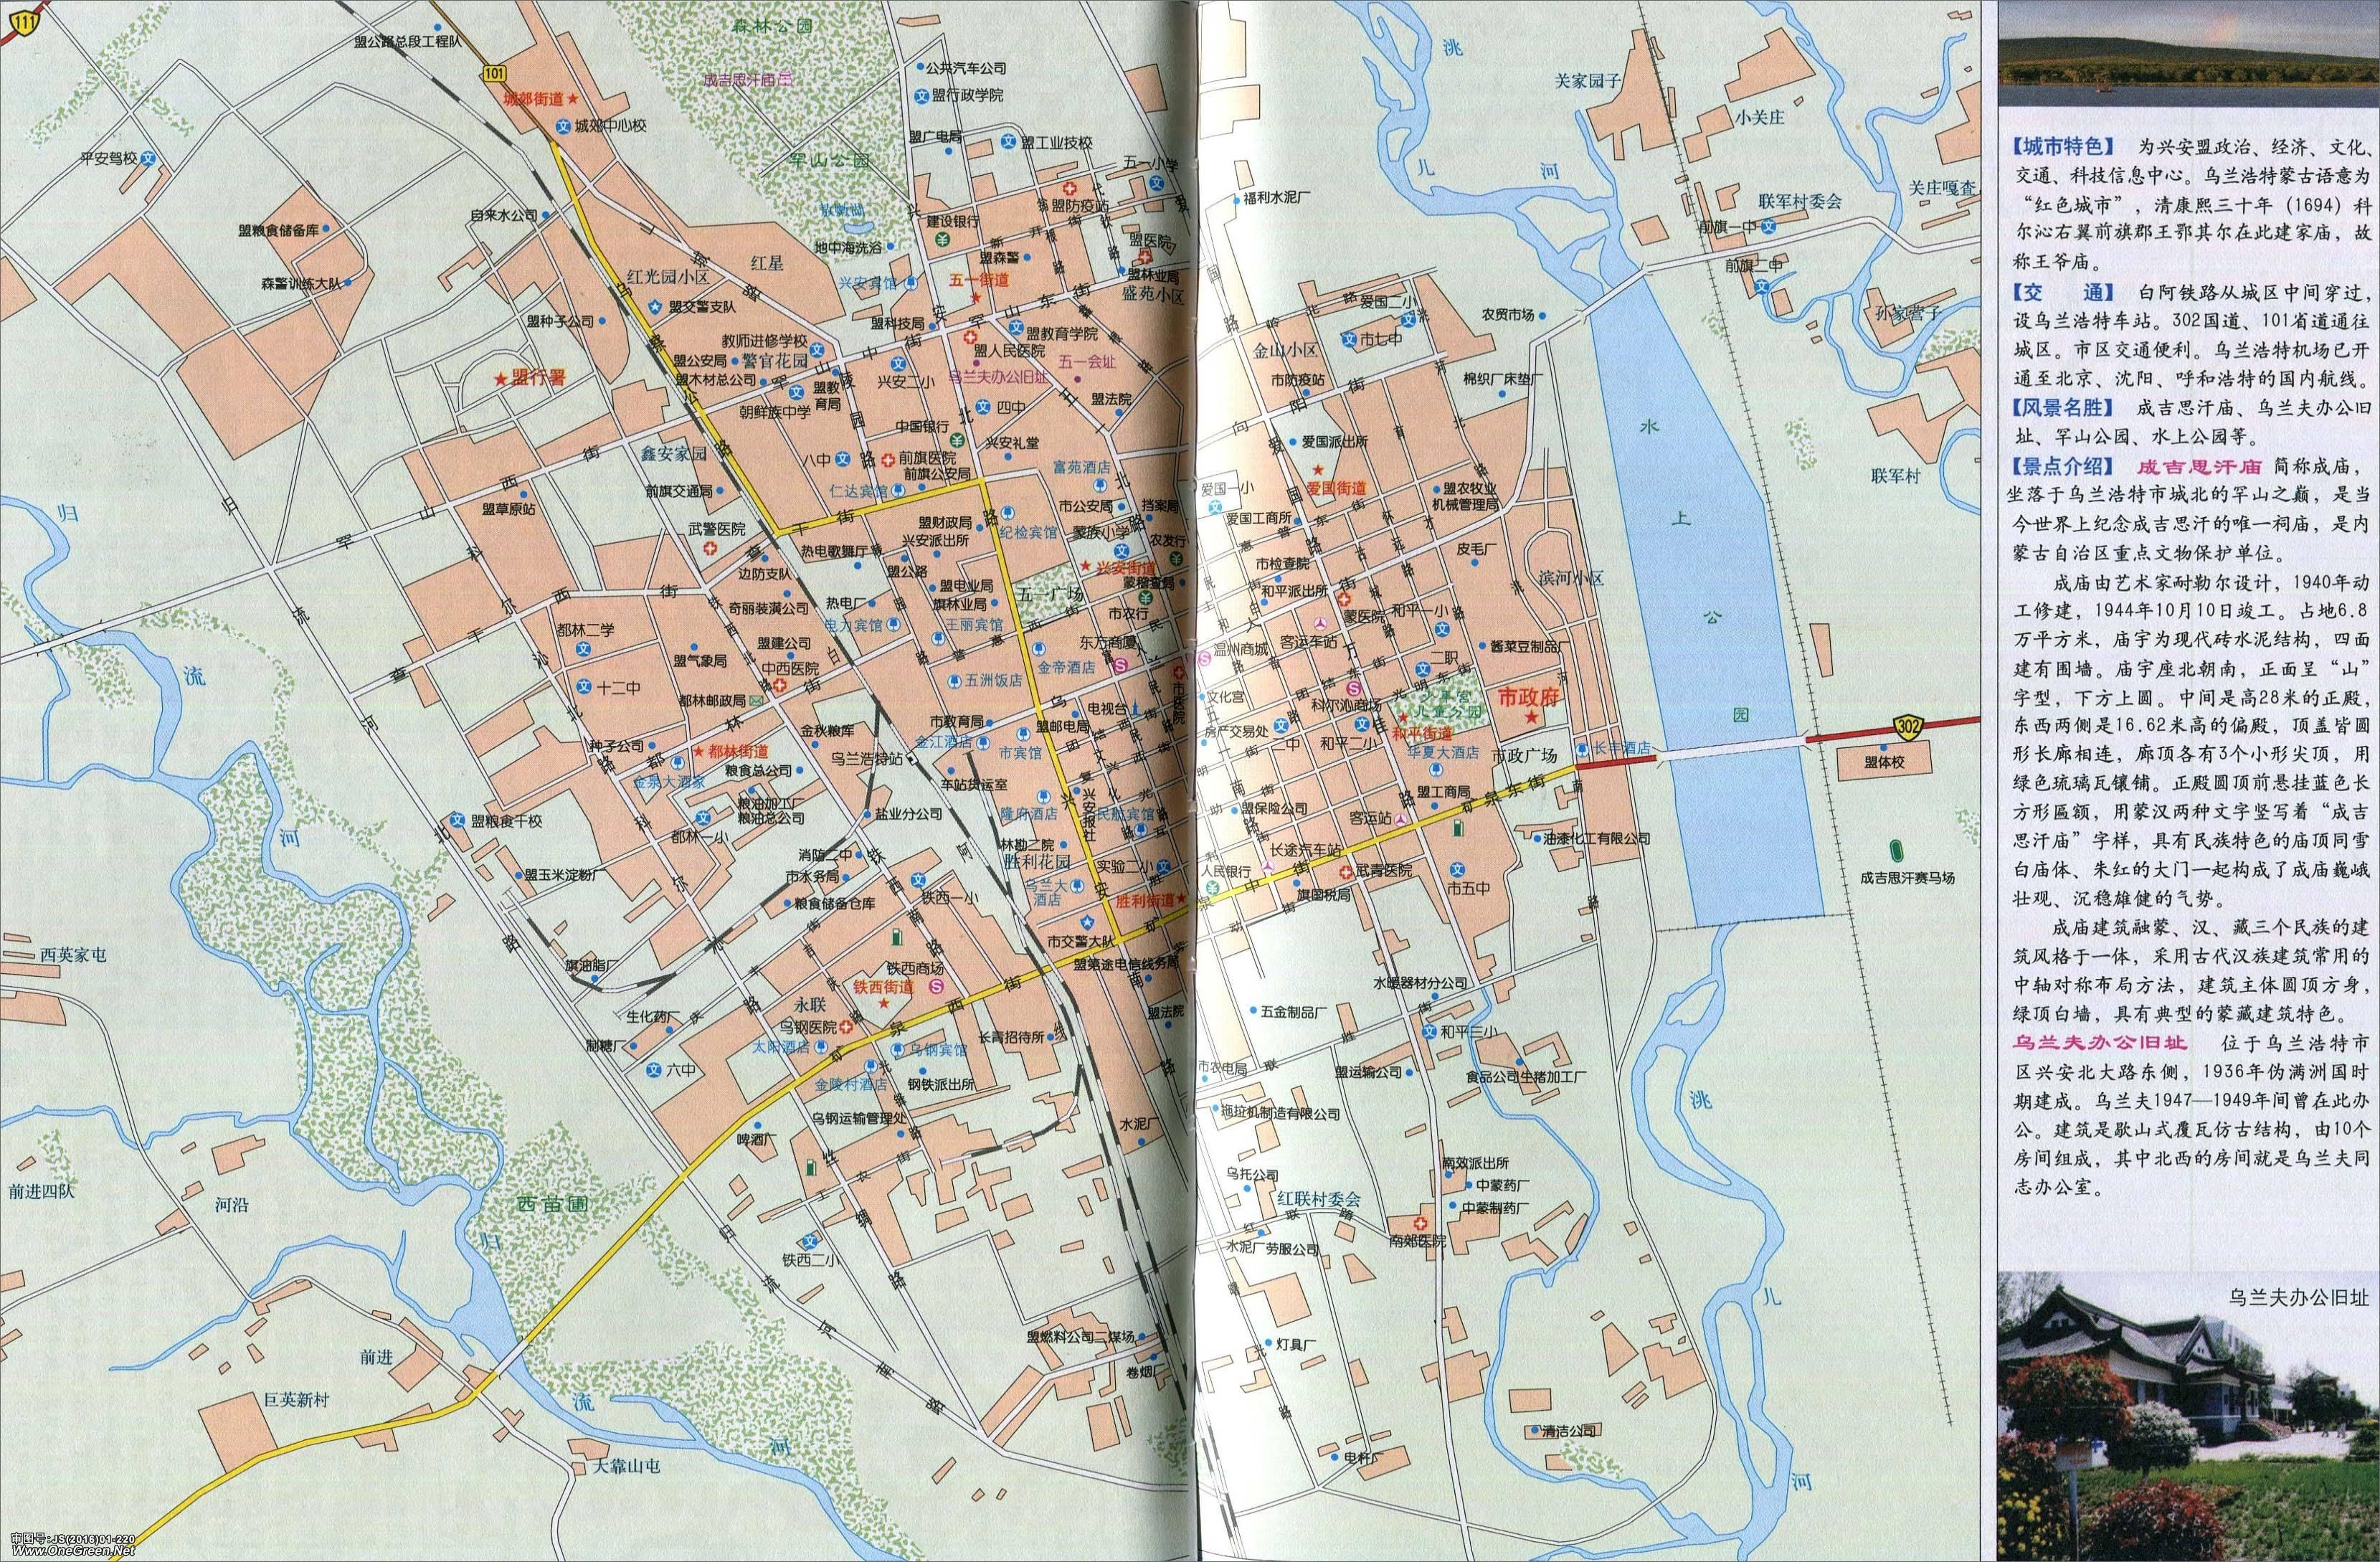 兴安盟科右中旗地图_乌兰浩特城区地图_兴安盟地图库_地图窝